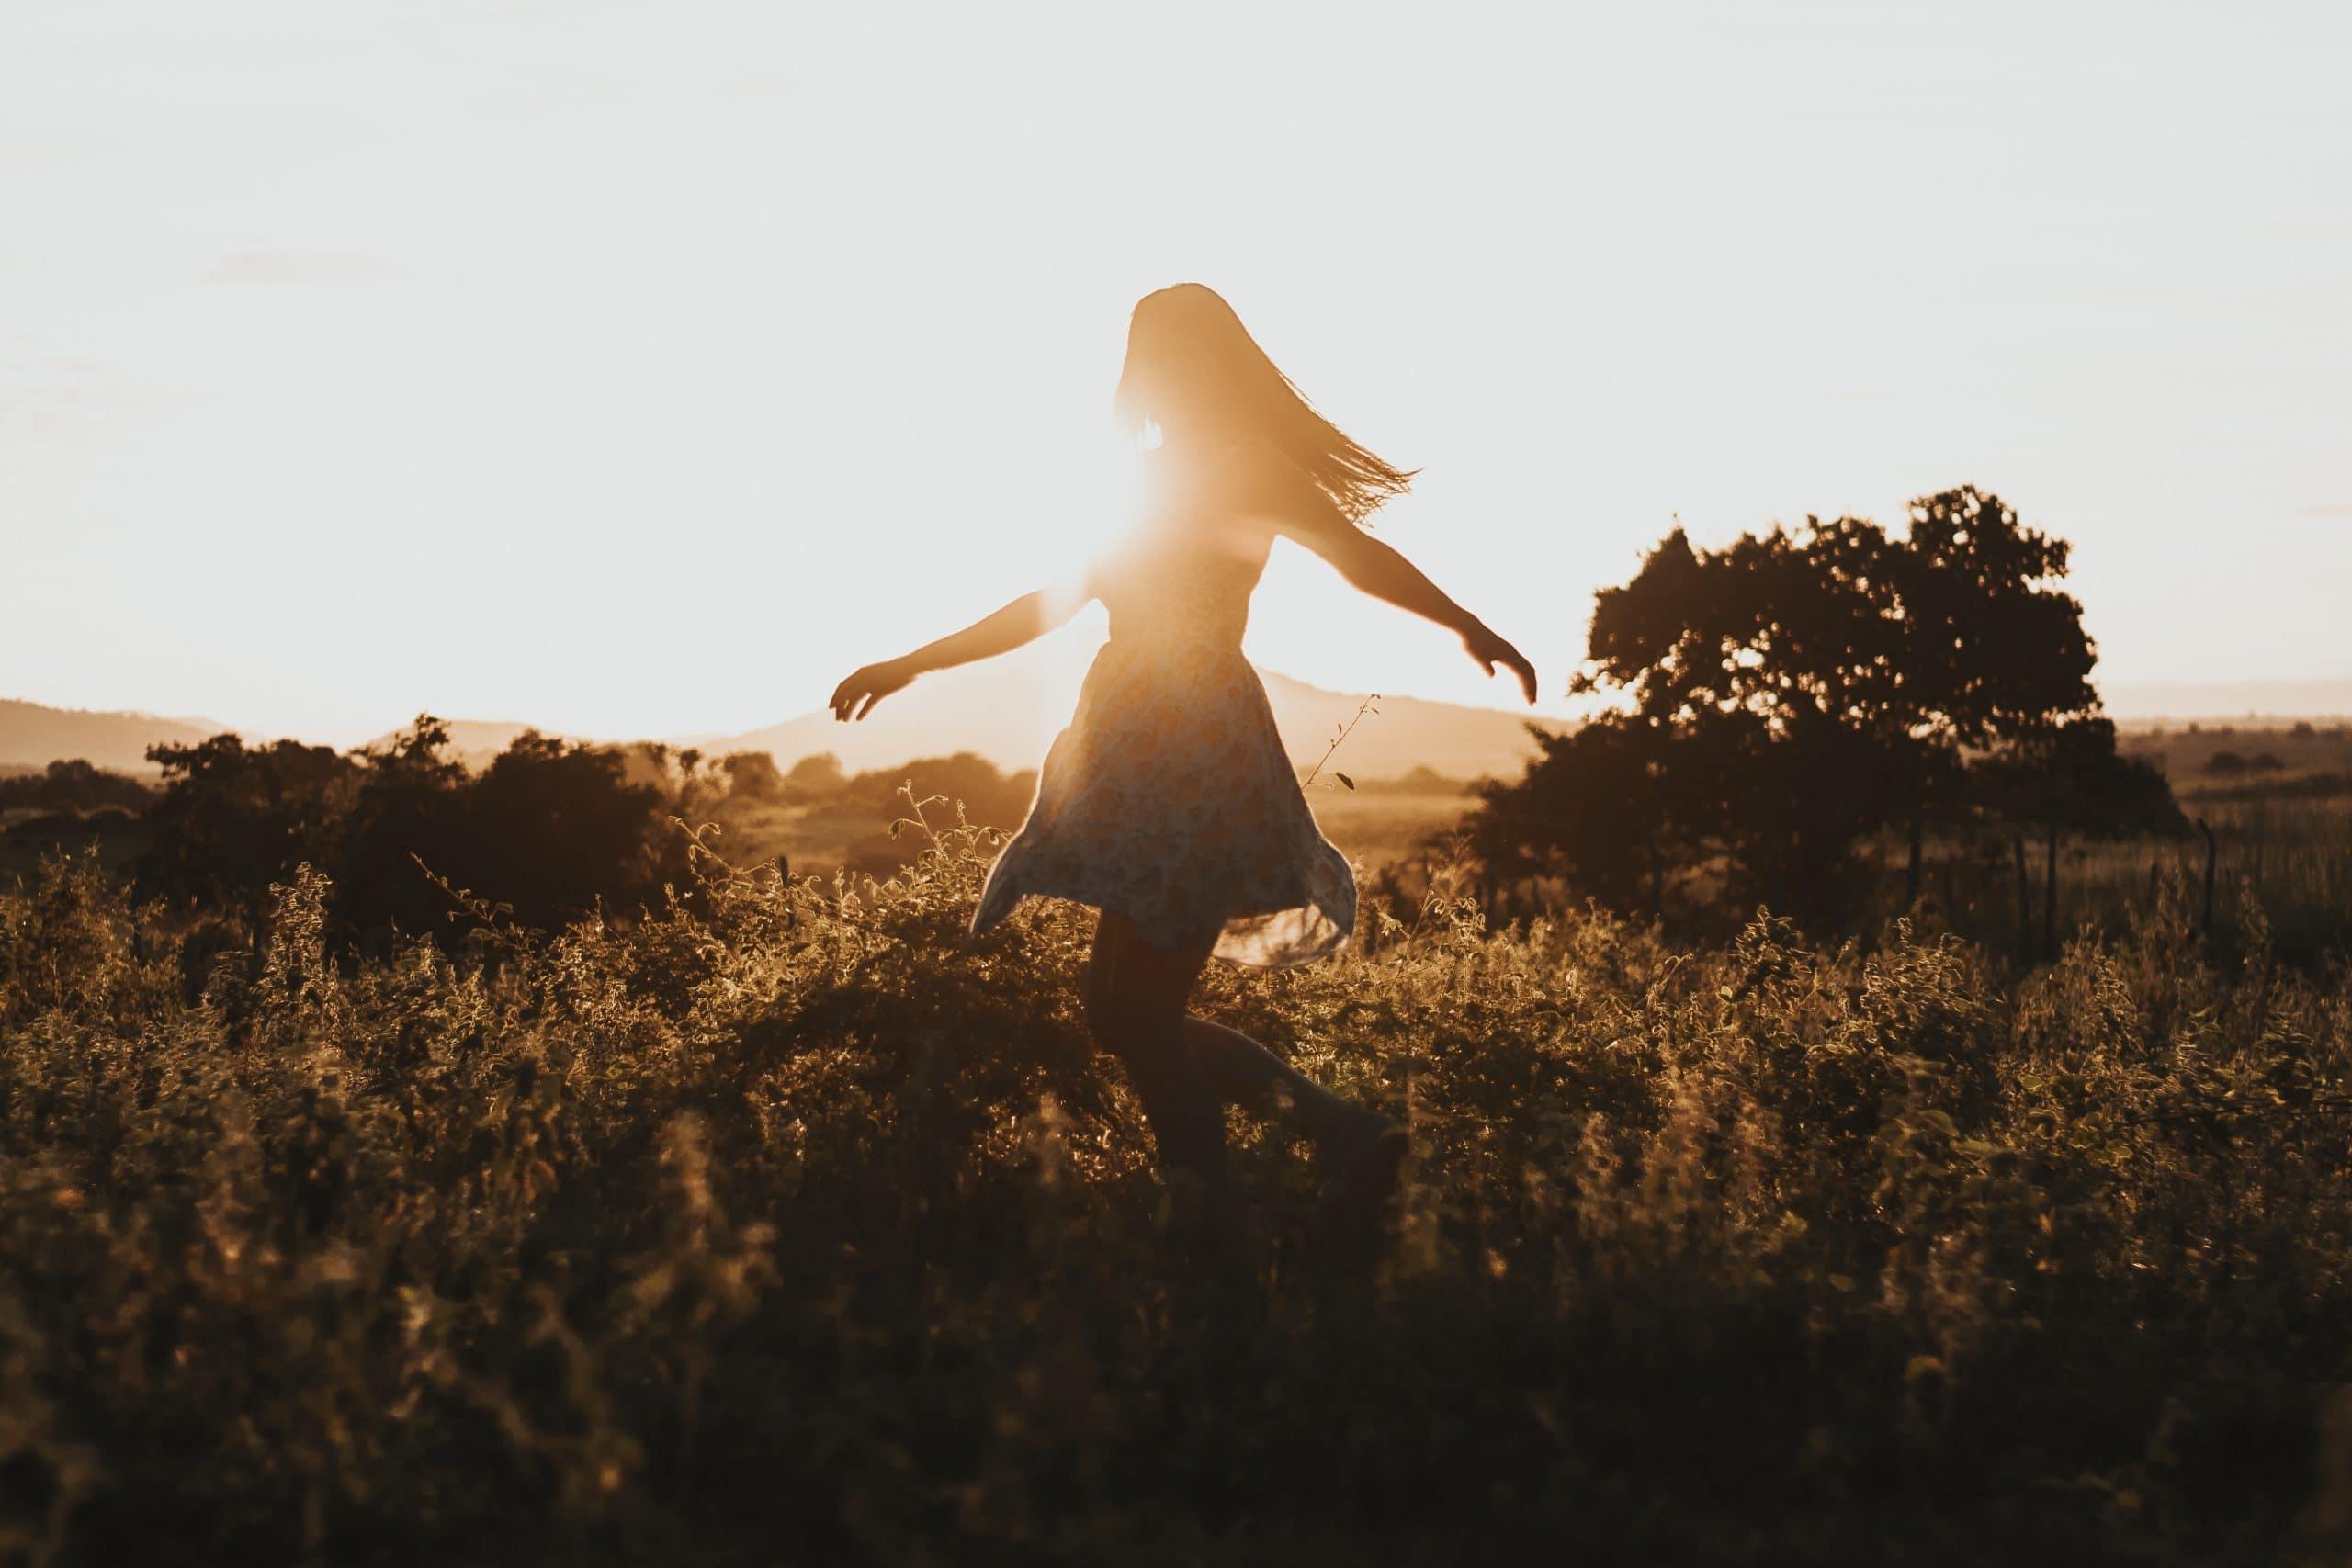 Mulher dançando em campo com sol reluzindo